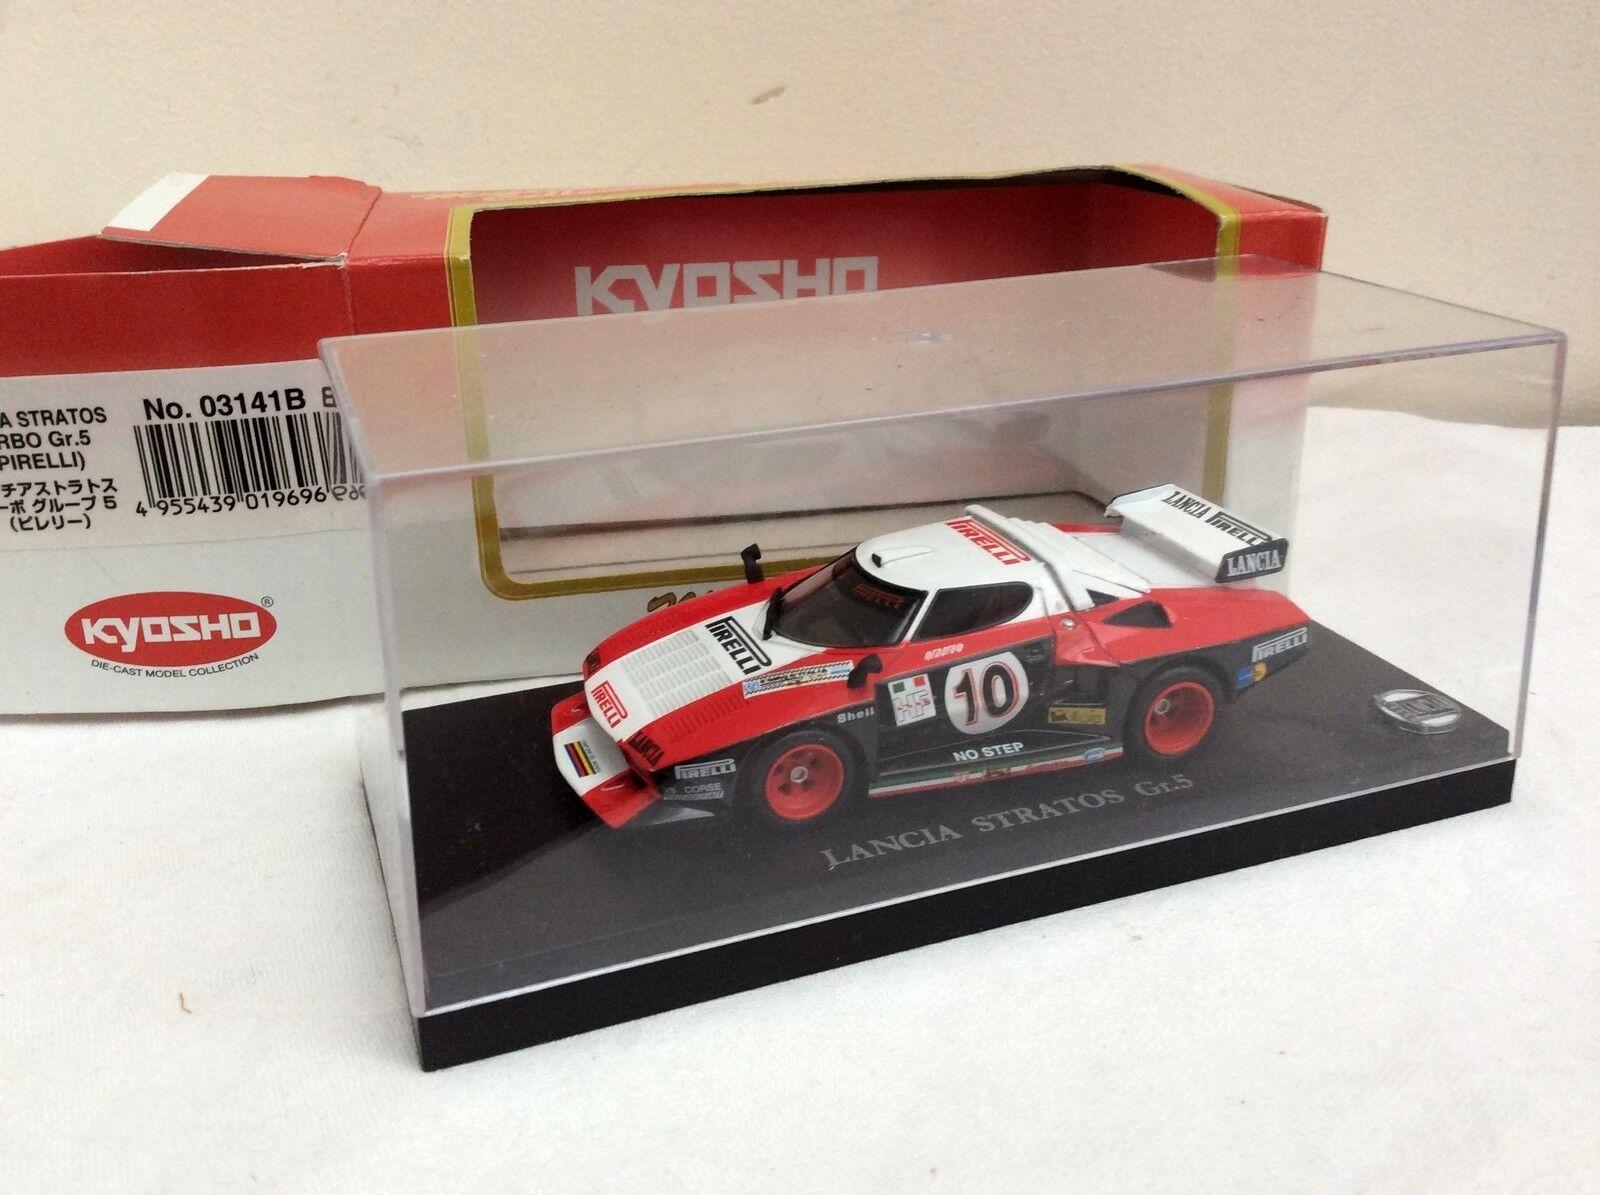 KYOSHO 1 43 Lancia Stratos Turbo Gr5 PIRELLI   10     BOXED